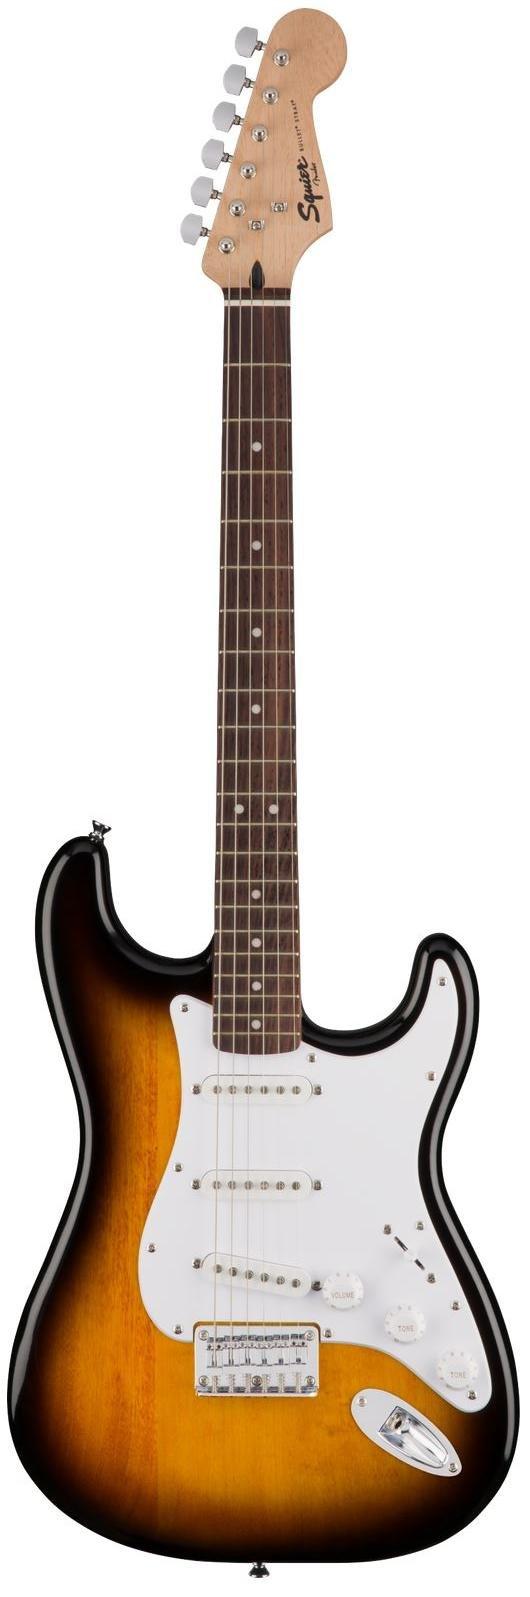 Squier Bullet Stratocaster HT, Laurel Fingerboard - Brown Sunburst